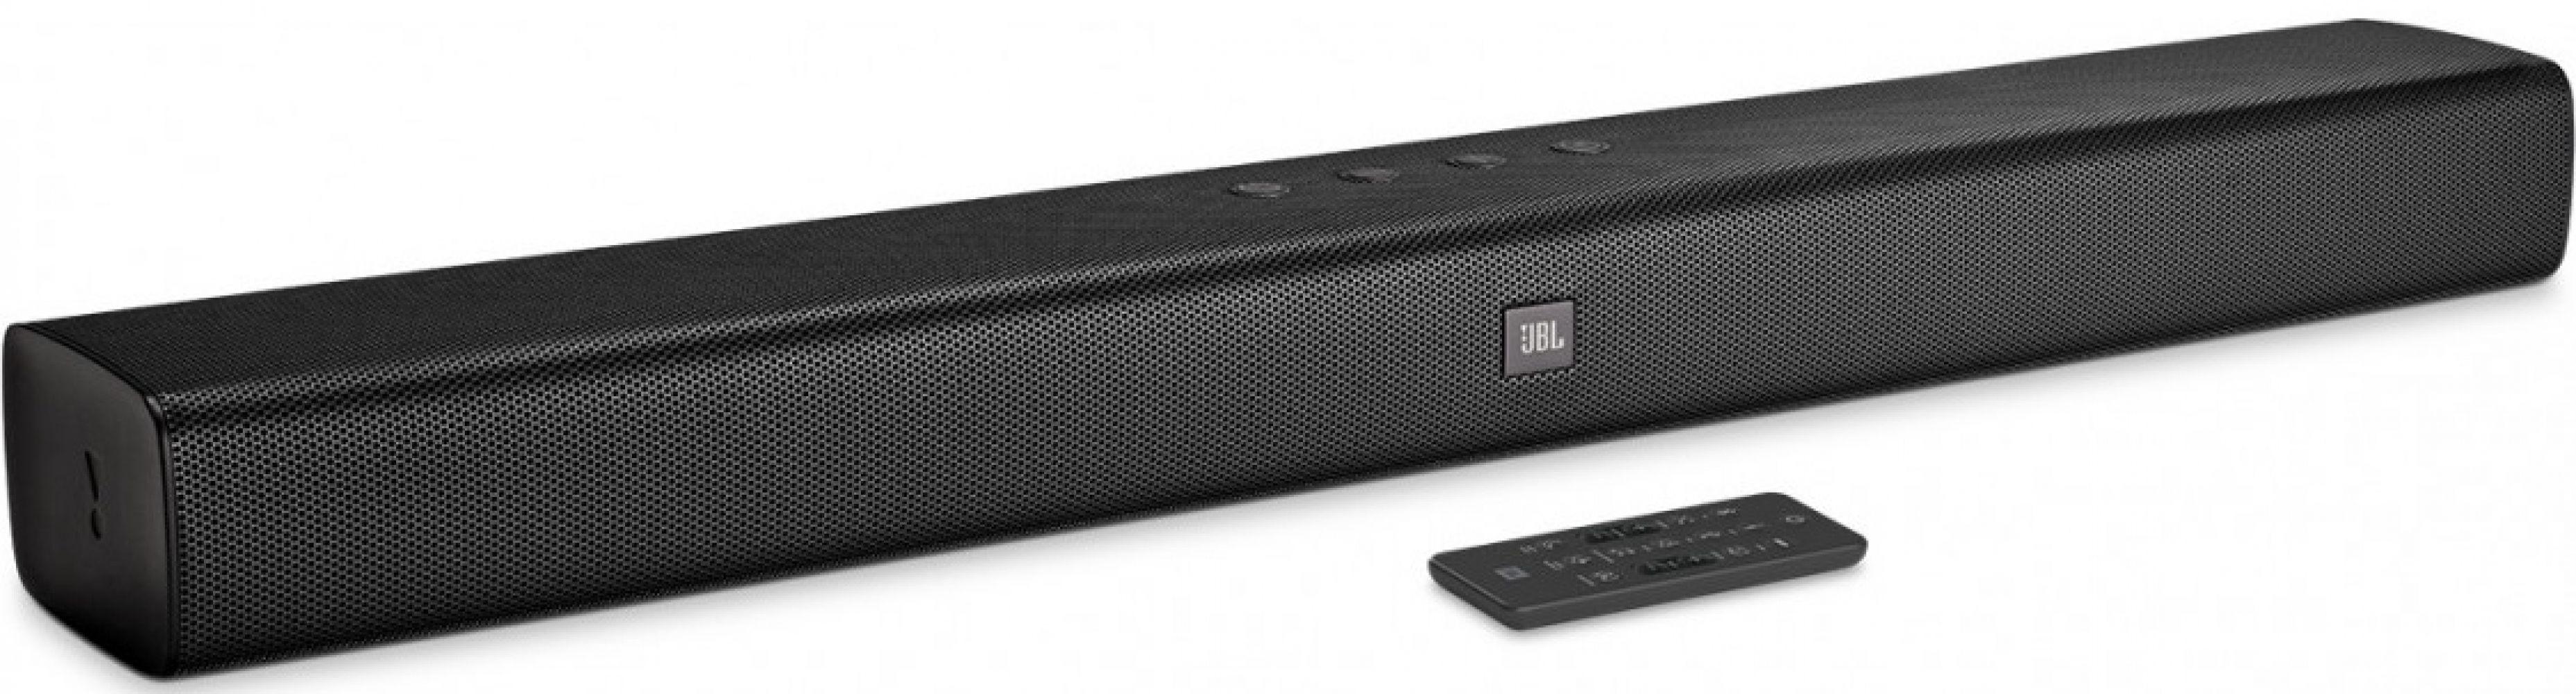 Купить Акустические системы, Саундбар JBL Bar Studio 2.0 Channel Soundbar with Bluetooth (JBLBARSBLK)